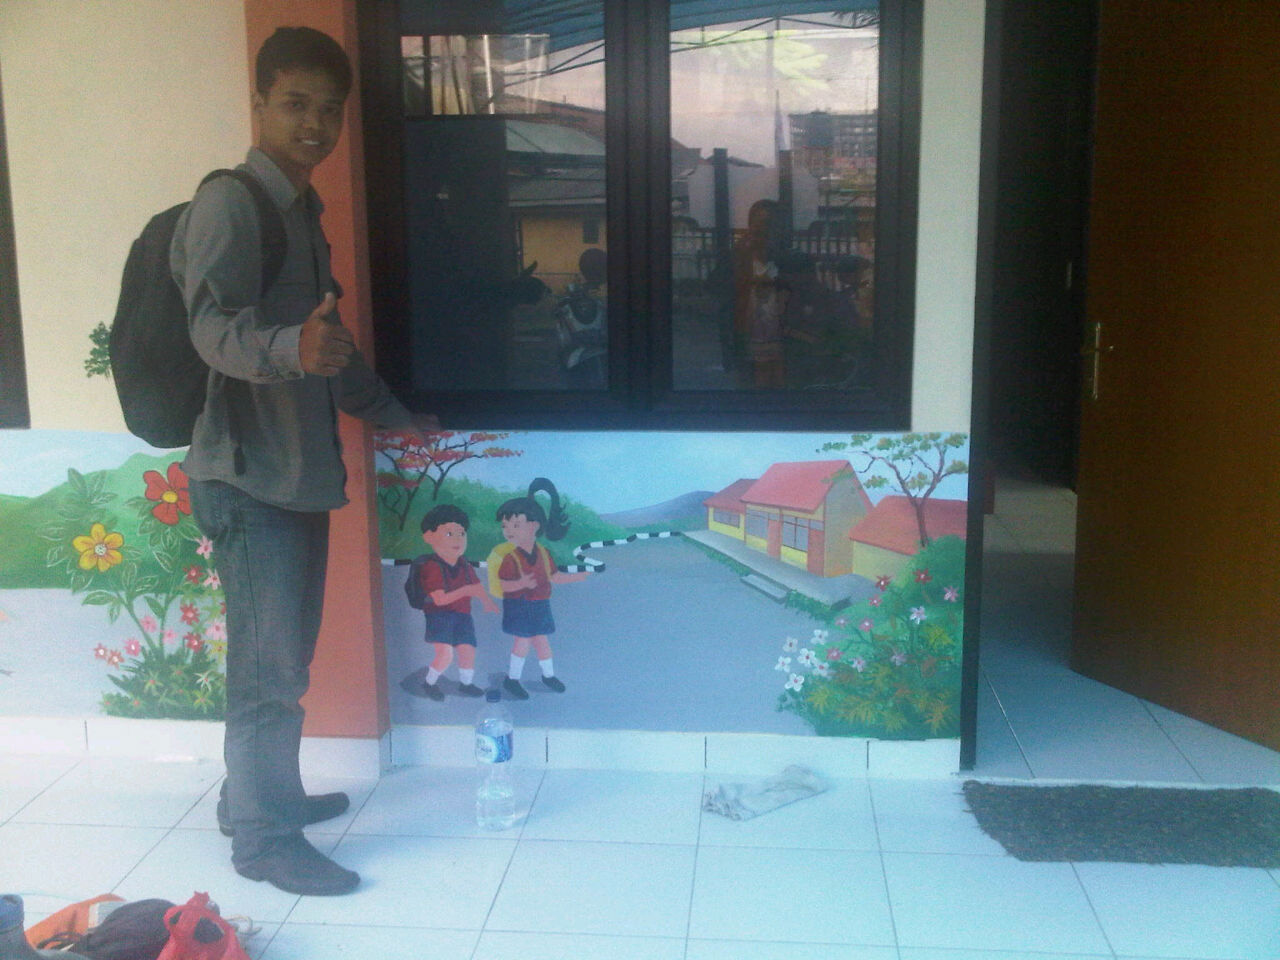 Mural painting tema lingkungan for Mural hitam putih